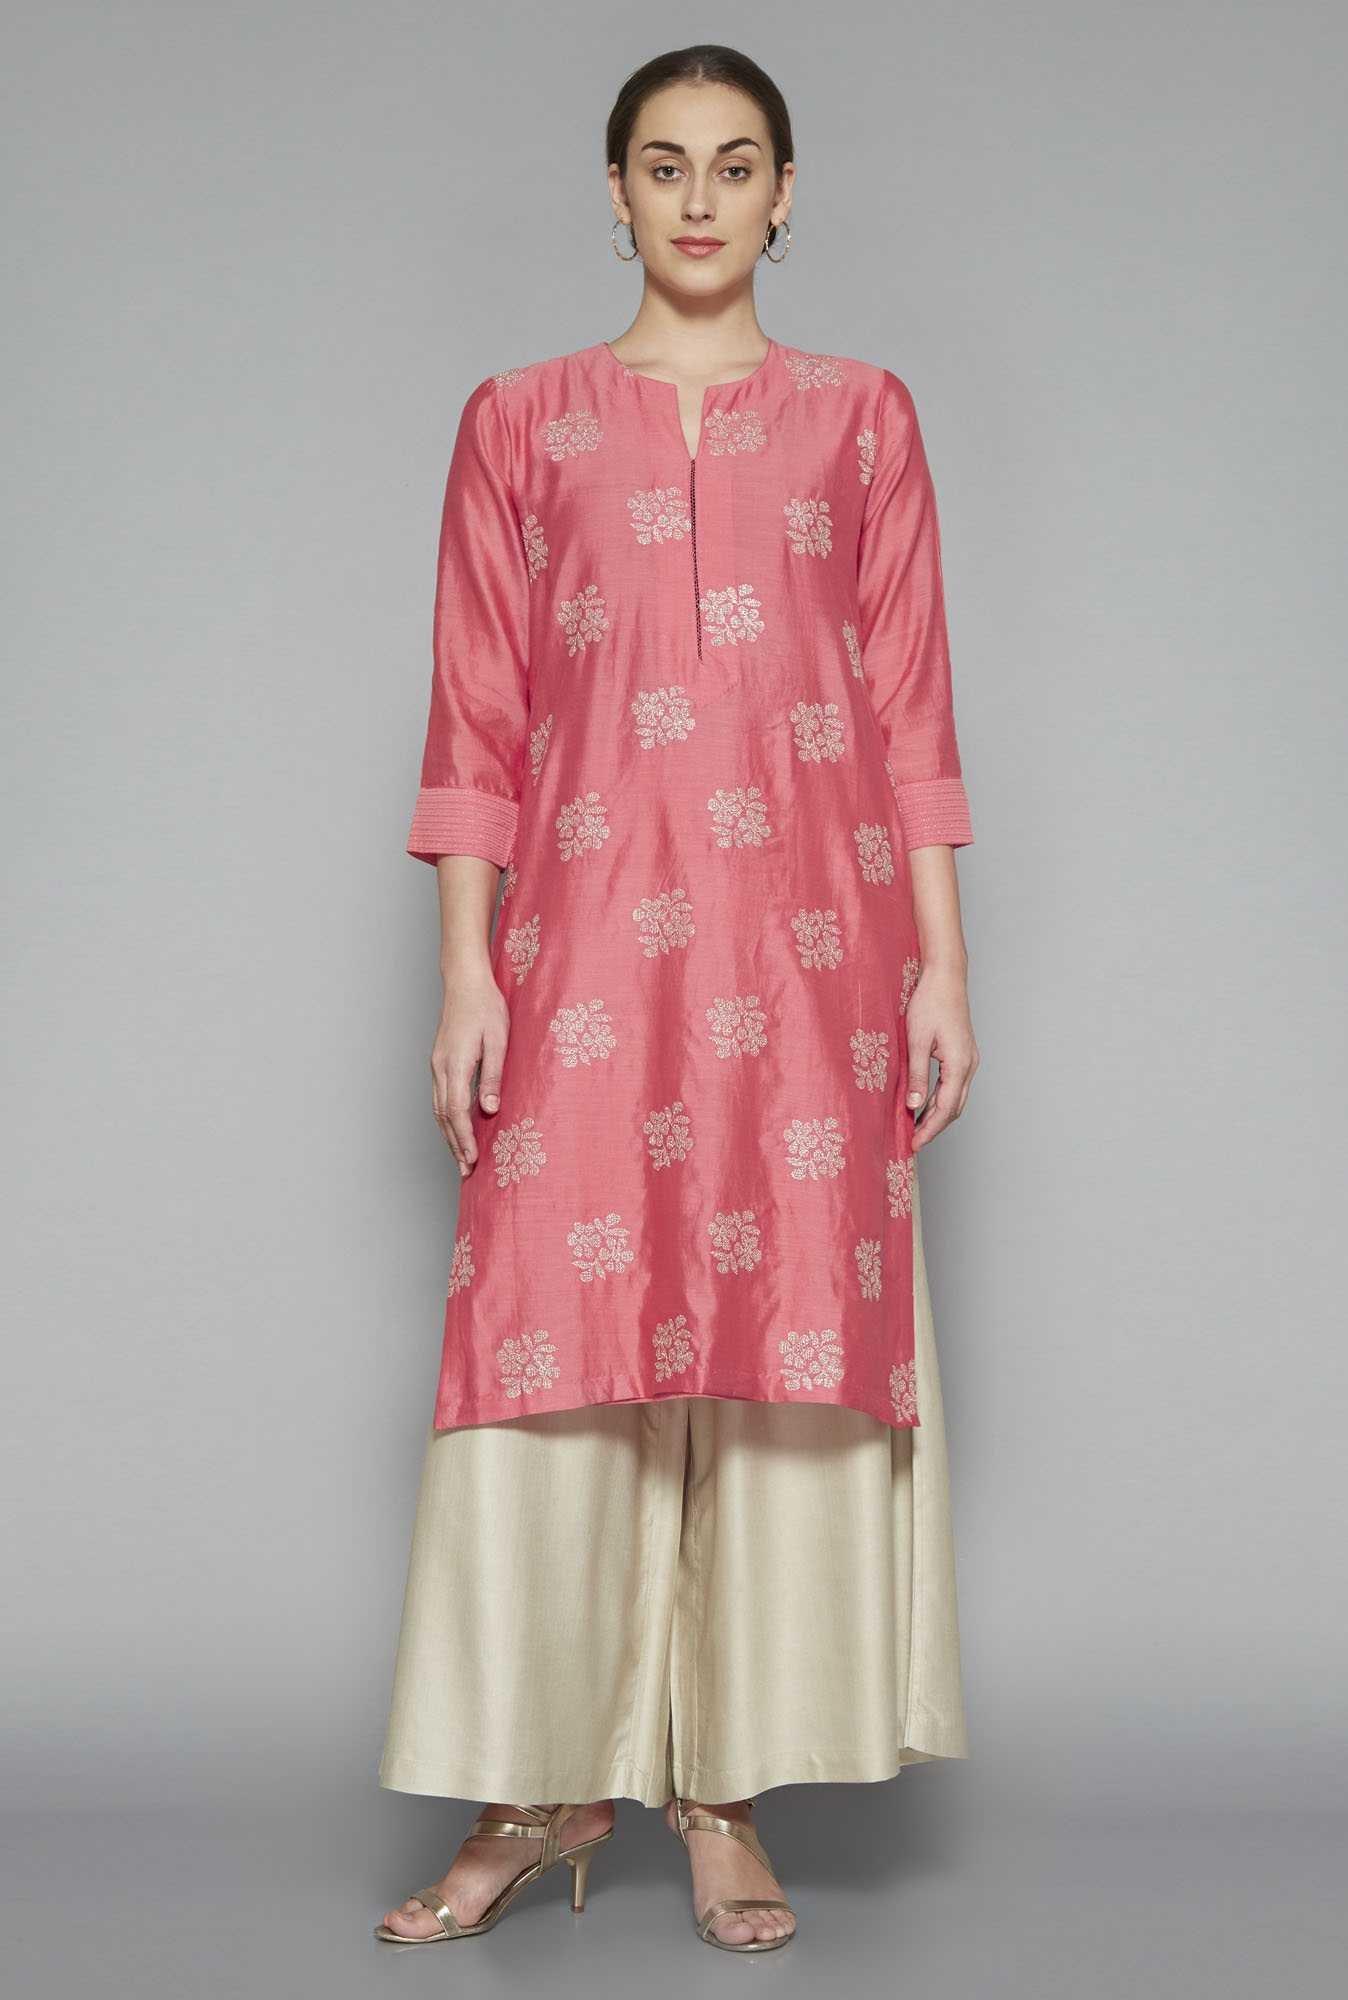 Buy Westside Clothes Online